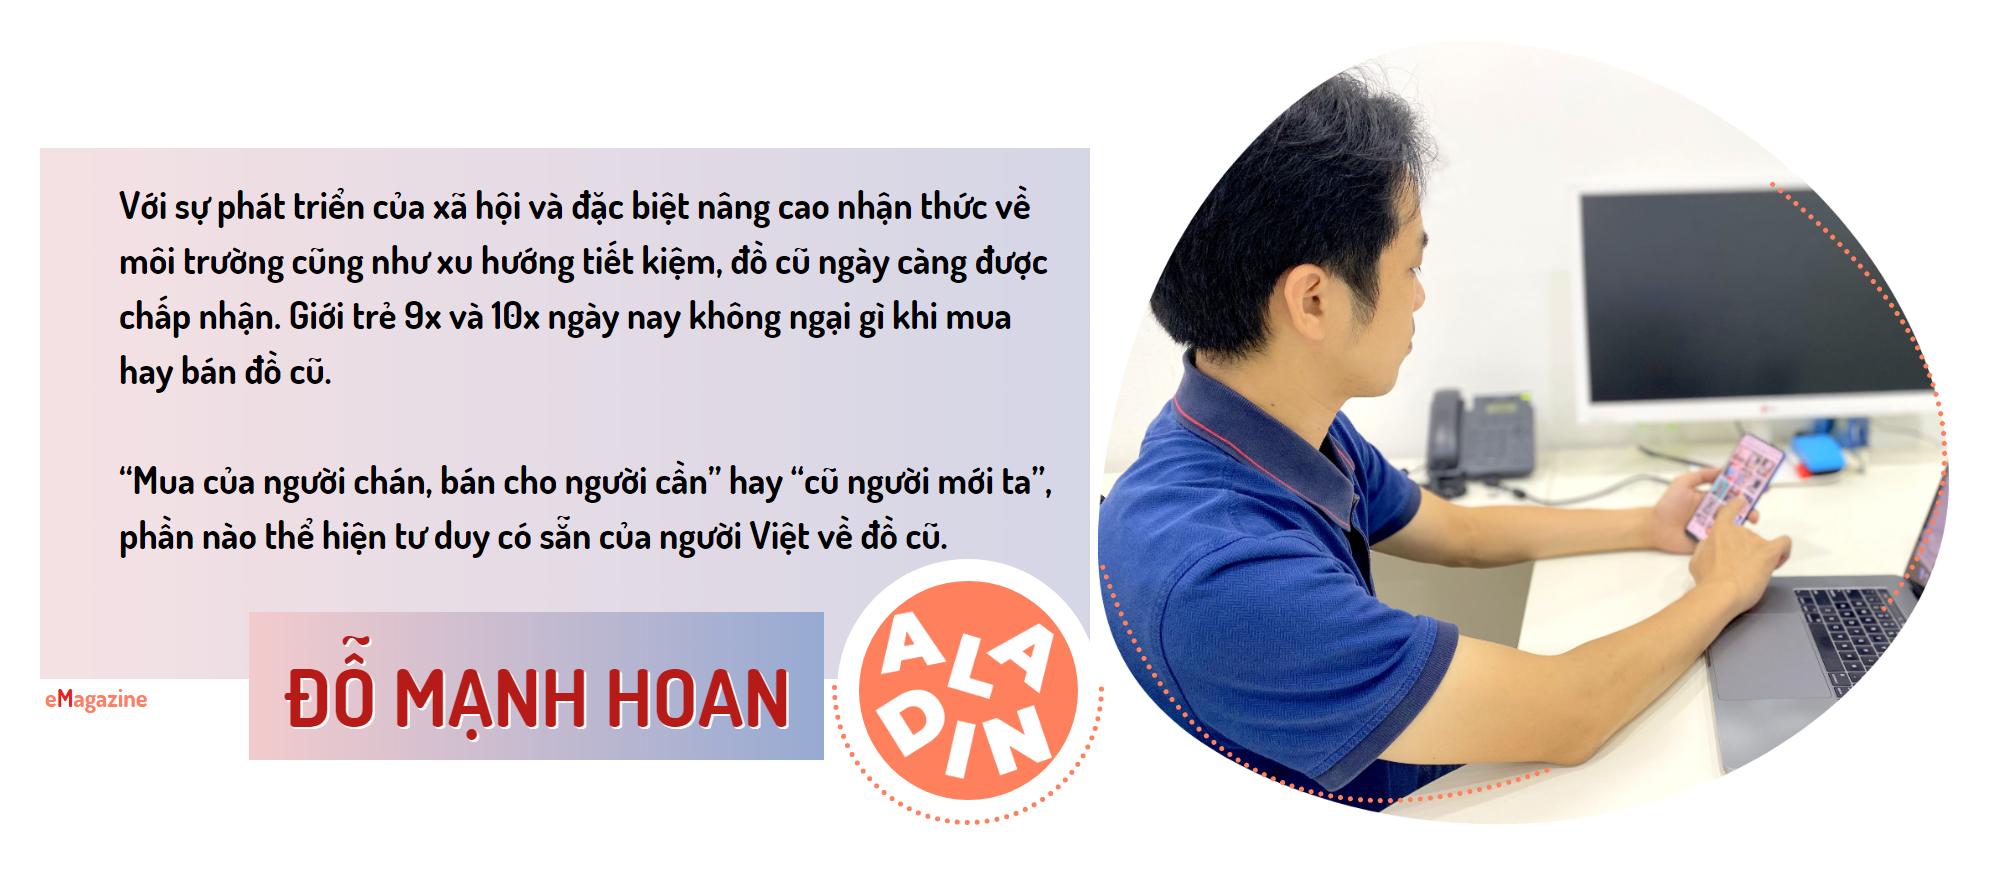 [eMagazine] Aladin - Ứng dụng mua bán đồ cũ cho cộng đồng người Việt - Ảnh 15.